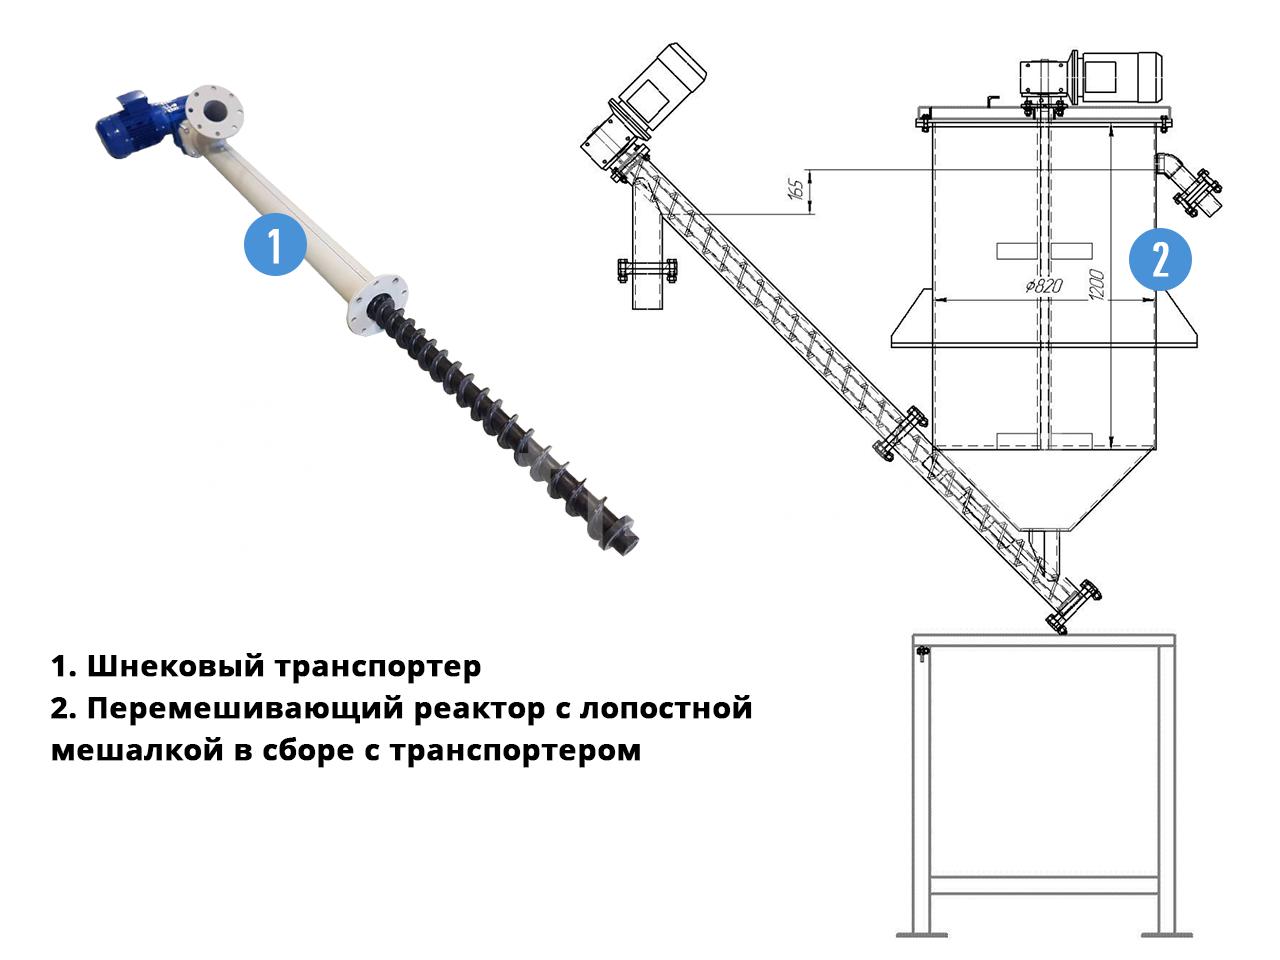 Перемешивающий реактор в сборе со шнековым транспортером